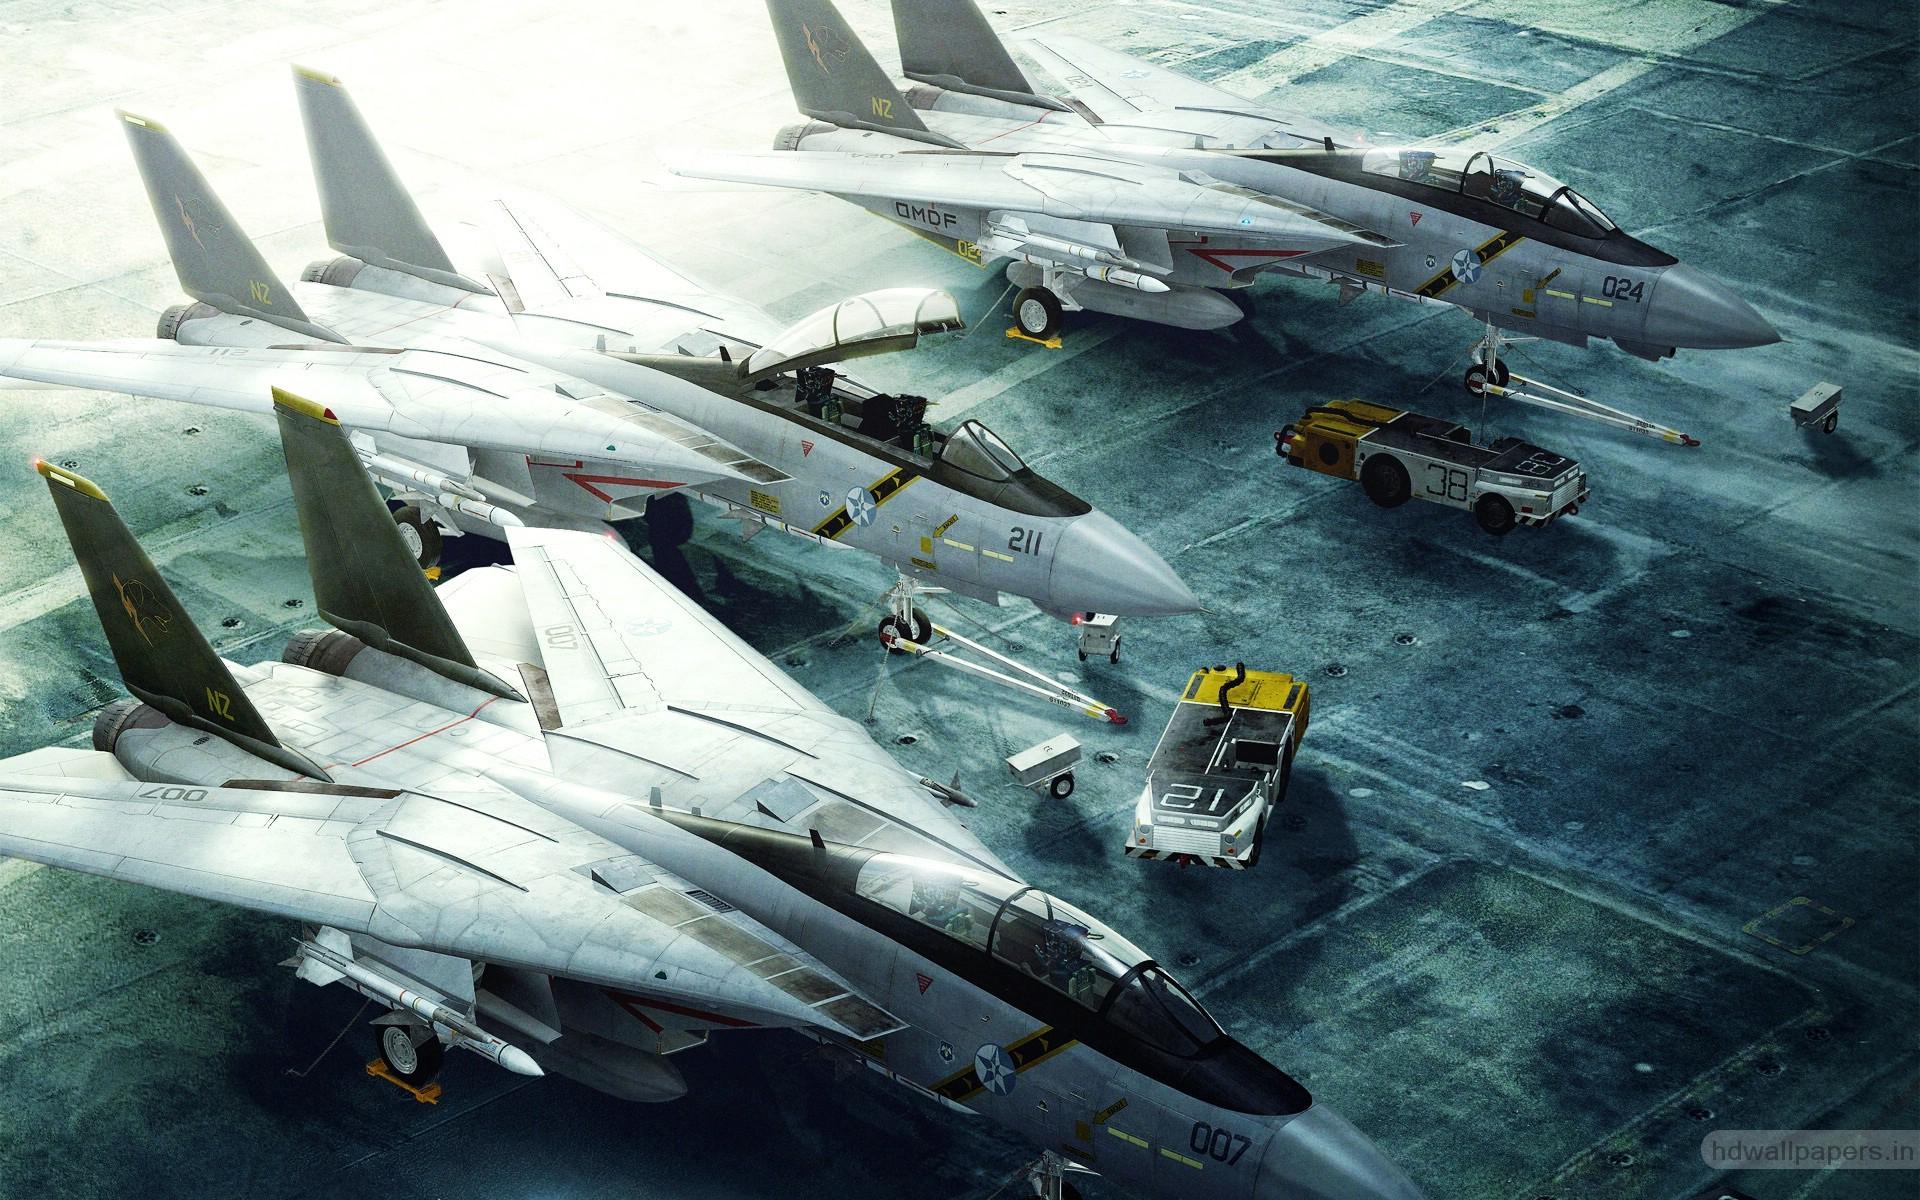 F 14 tomcat wallpaper hd wallpapersafari